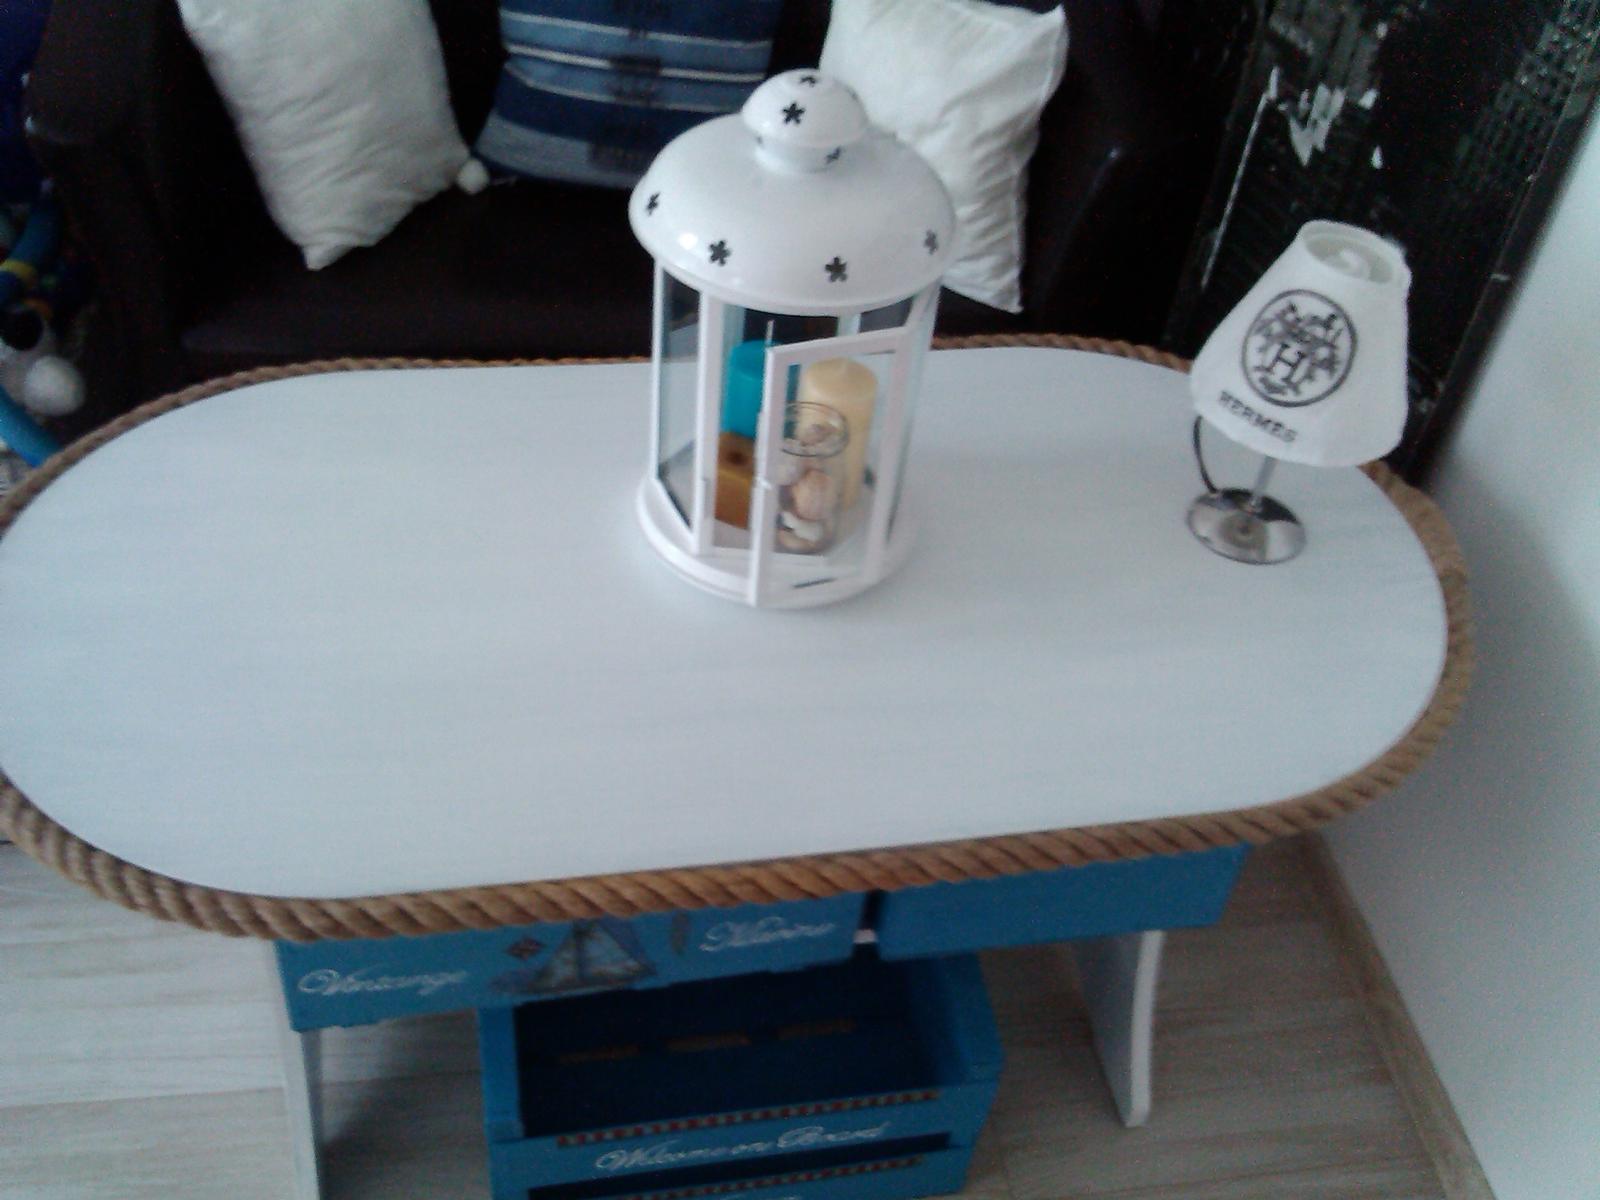 biely stolík  - Obrázok č. 1